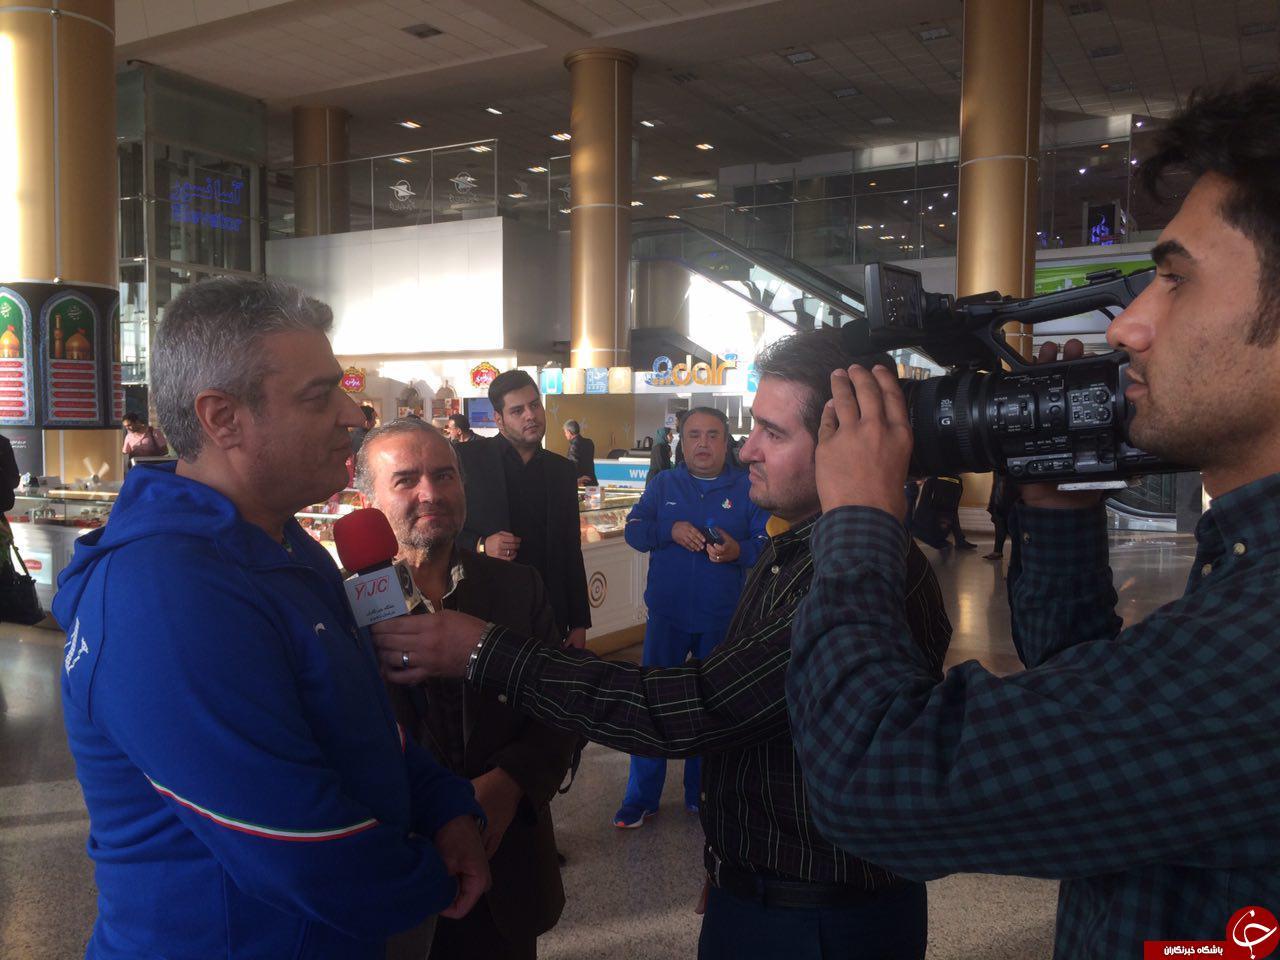 برگزاری مراسم استقبال از تیم ملی بیلیارد و اسنوکر ایران پس از قهرمانی در رقابت های داخل سالن آسیا ترکمنستان ٢٠١٧